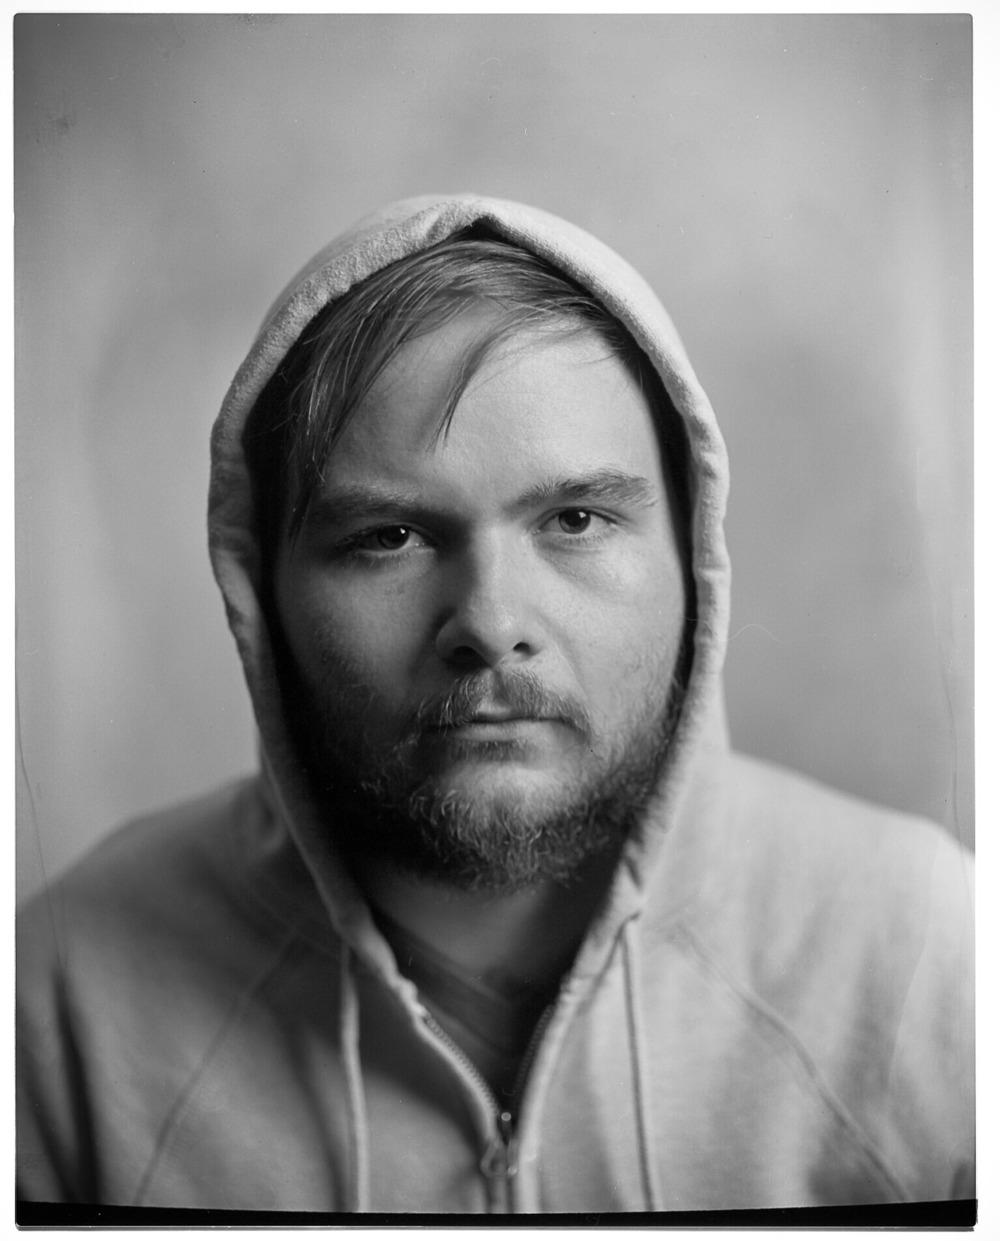 Nathan Kane | 4x5 Portrait